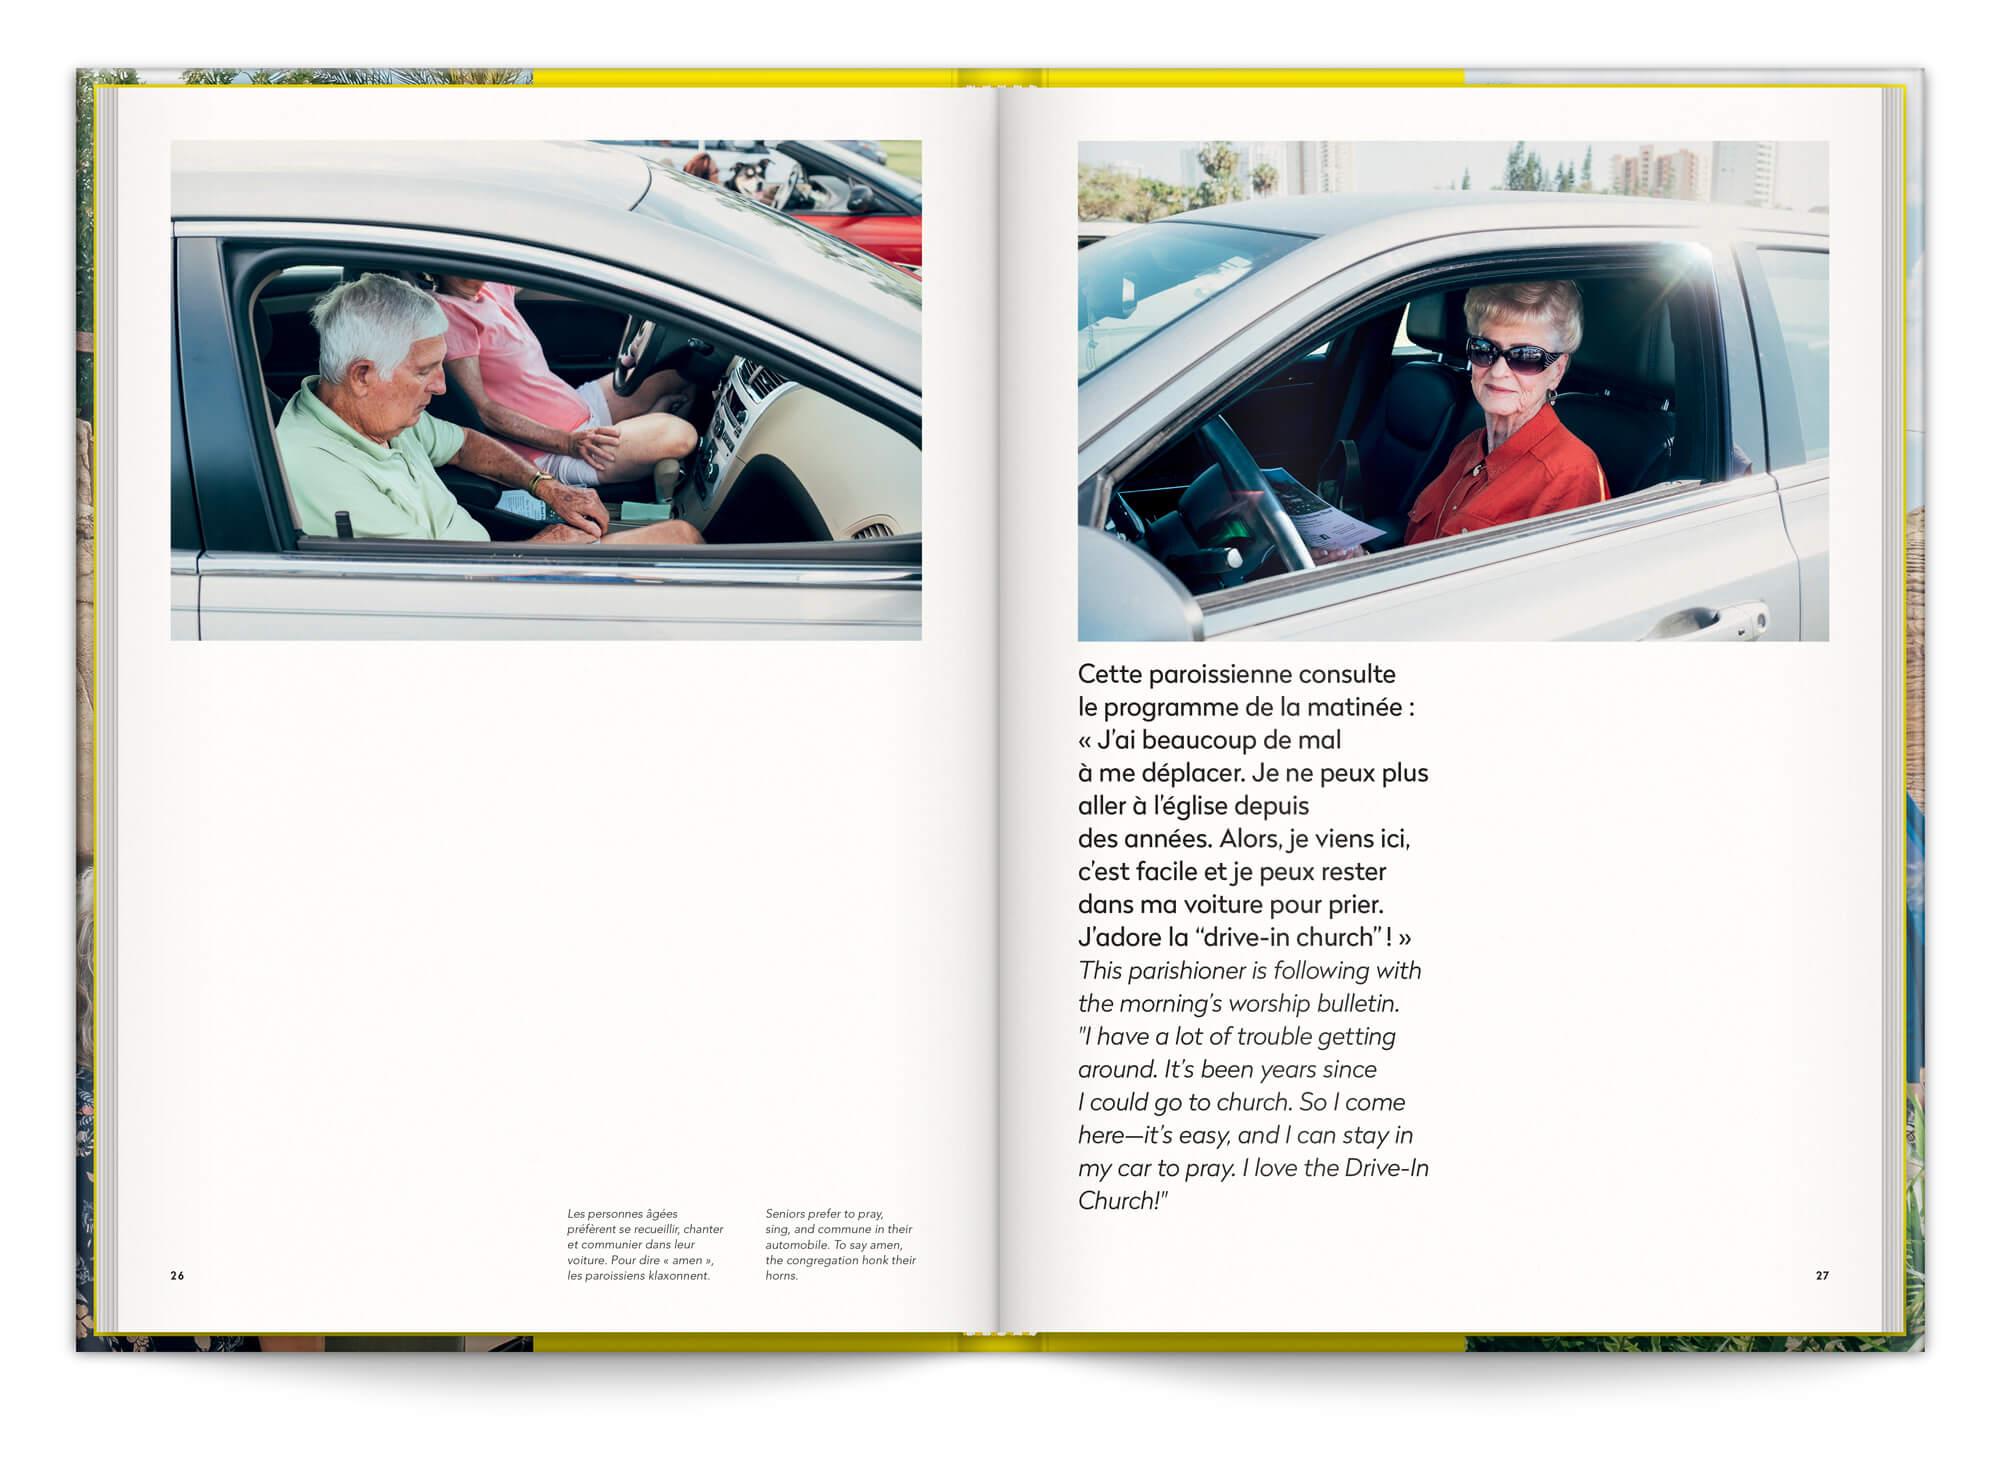 La serie Drive In du photographe Cyril Abad capture des personne dans leurs voitures en pleine messe, maquette et mise en page IchetKar